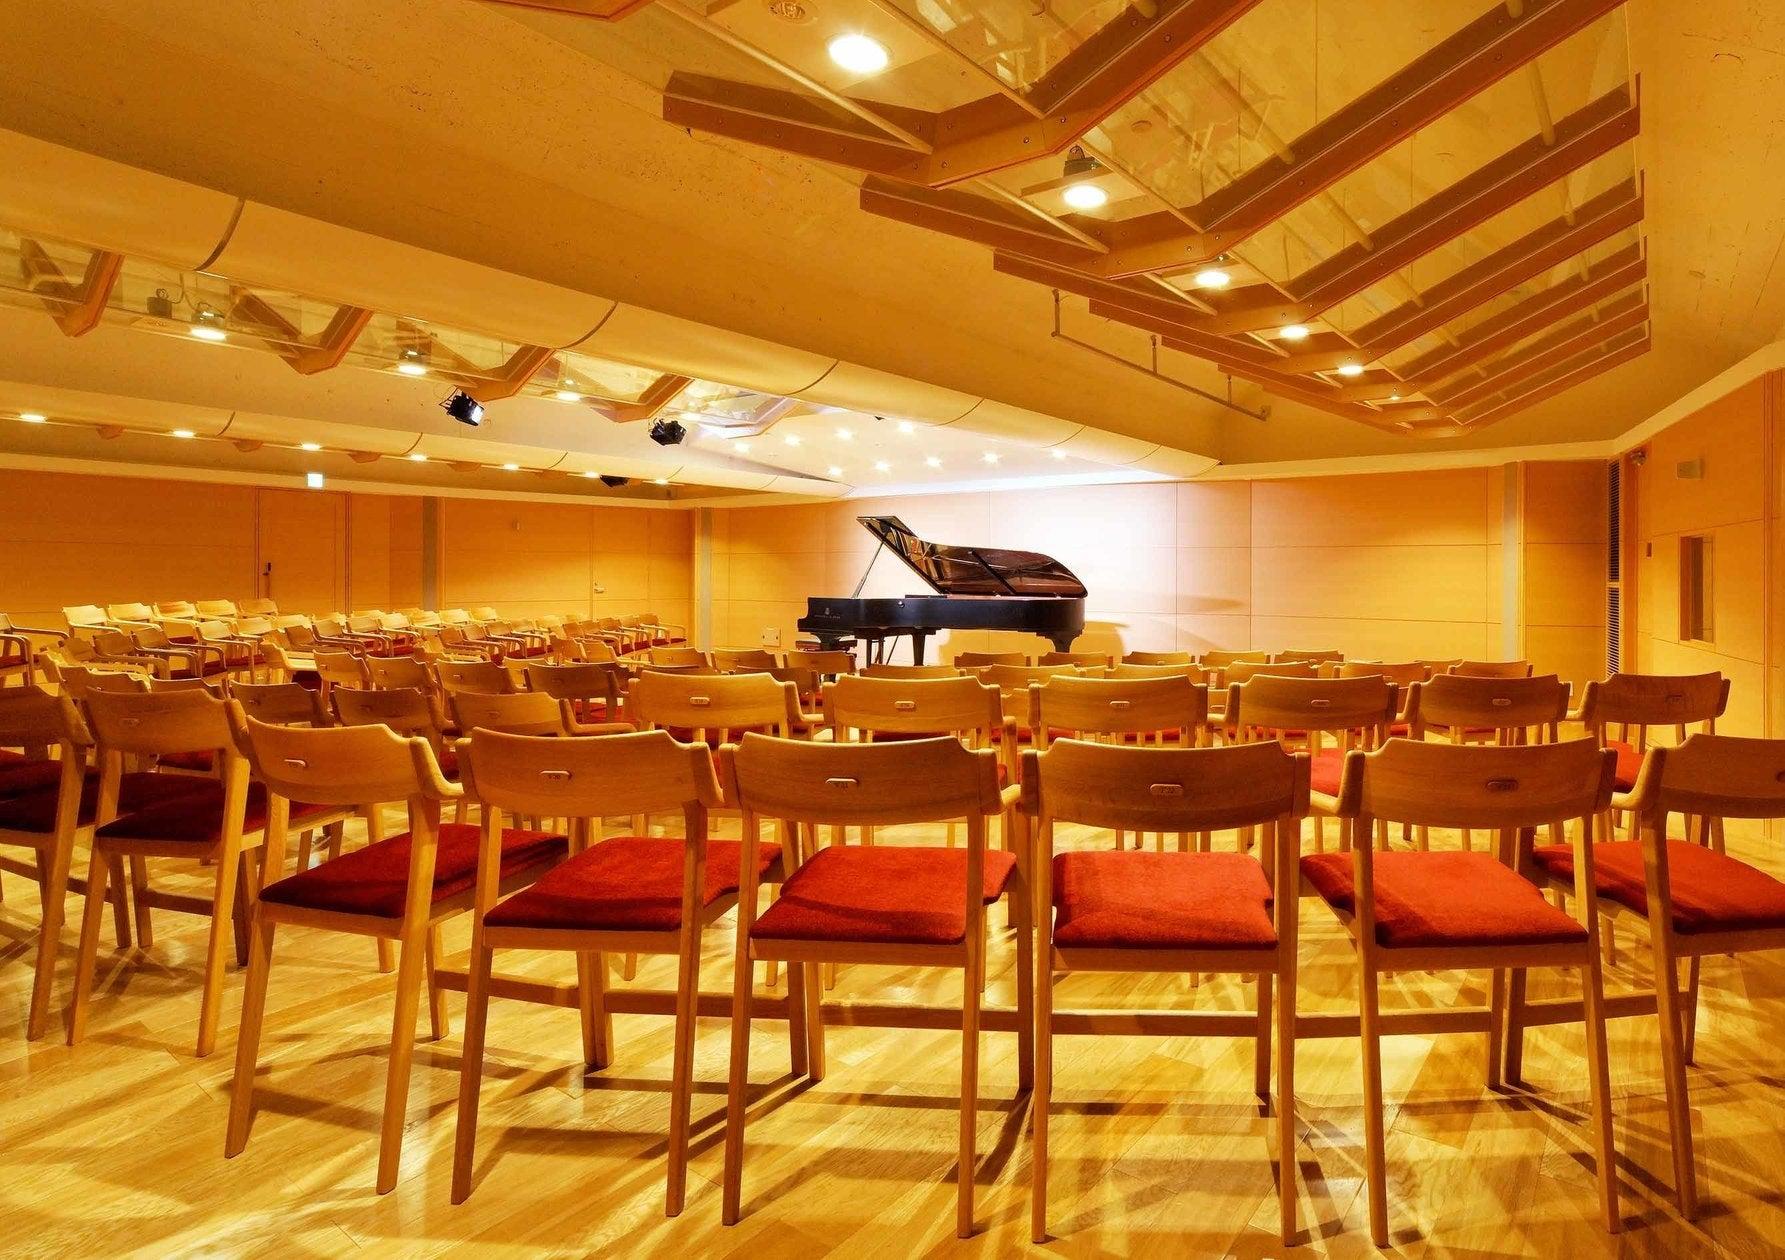 アットホーム&本格的な「小ホール」(アットホームだけど本格的な「小ホール」) の写真0